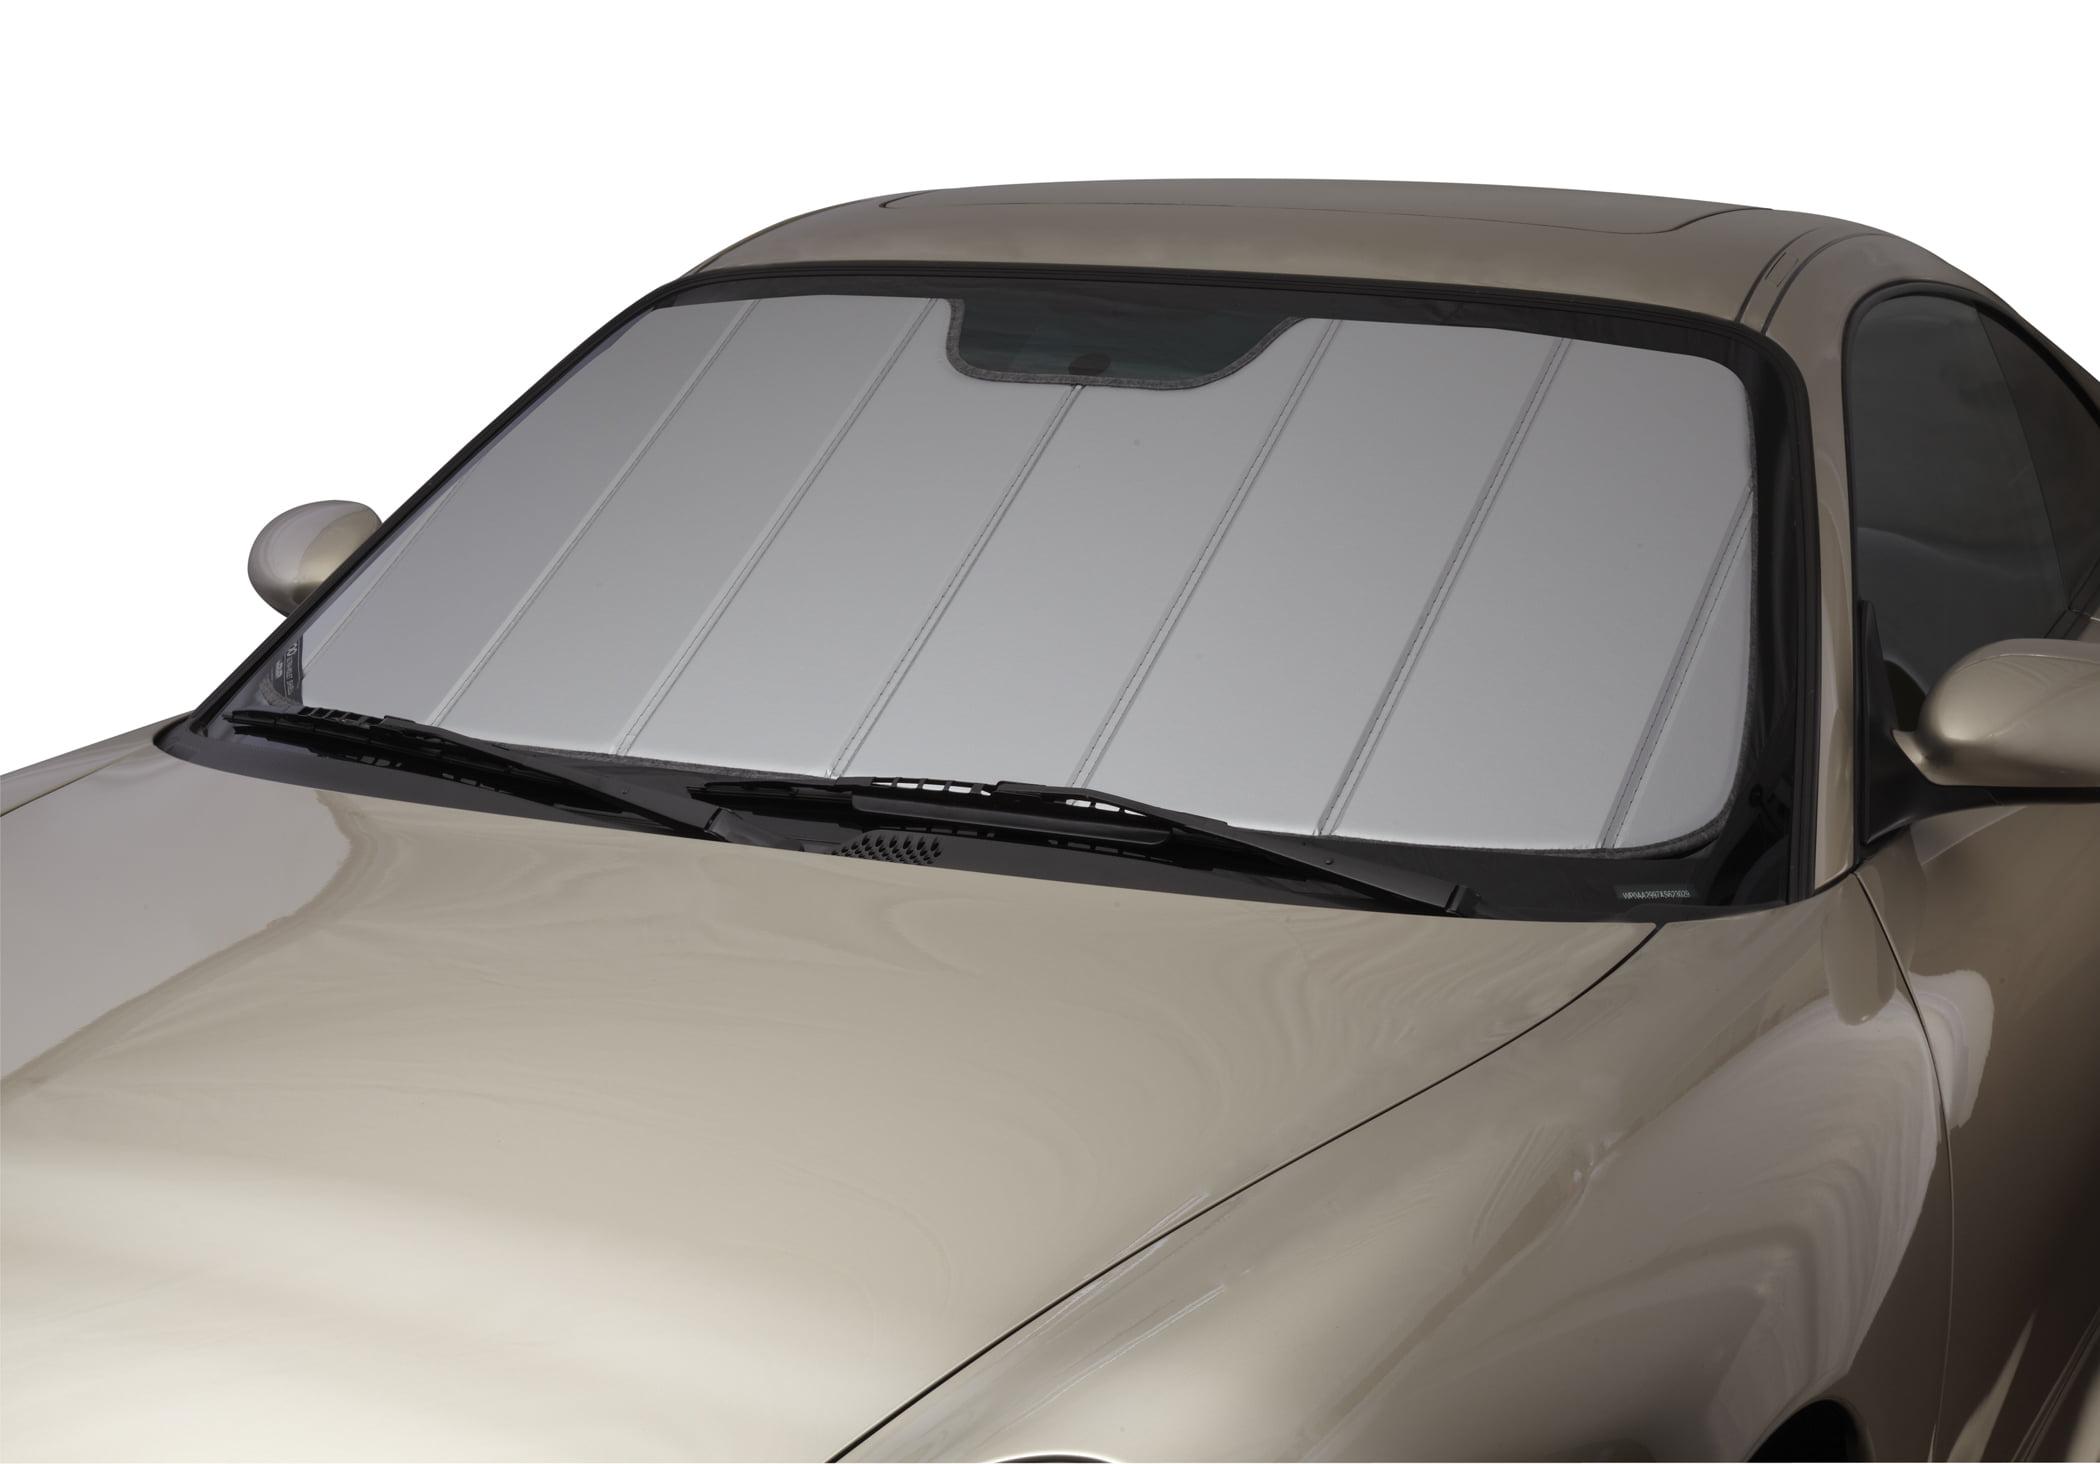 Sun Shade Heat Shield for Cadillac Escalade EXT 2002-2006